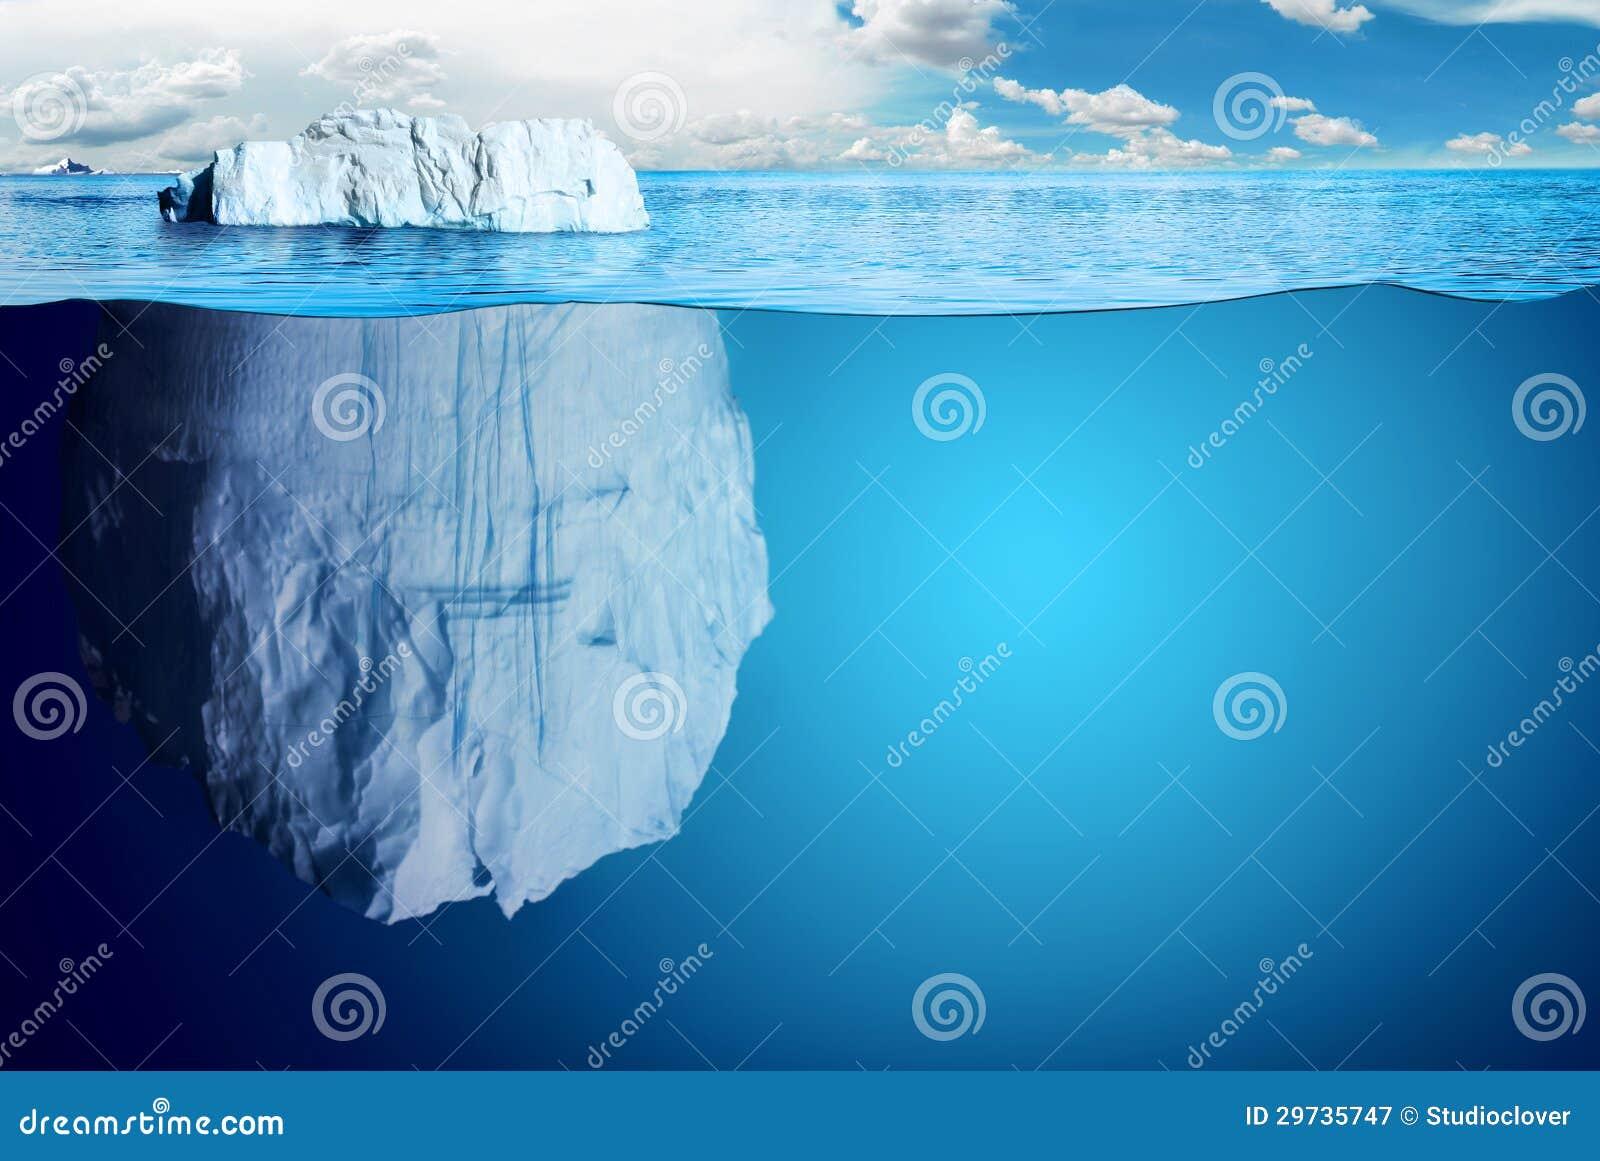 Południe, biegun północny i wszystkie rzeczy odnosić sie